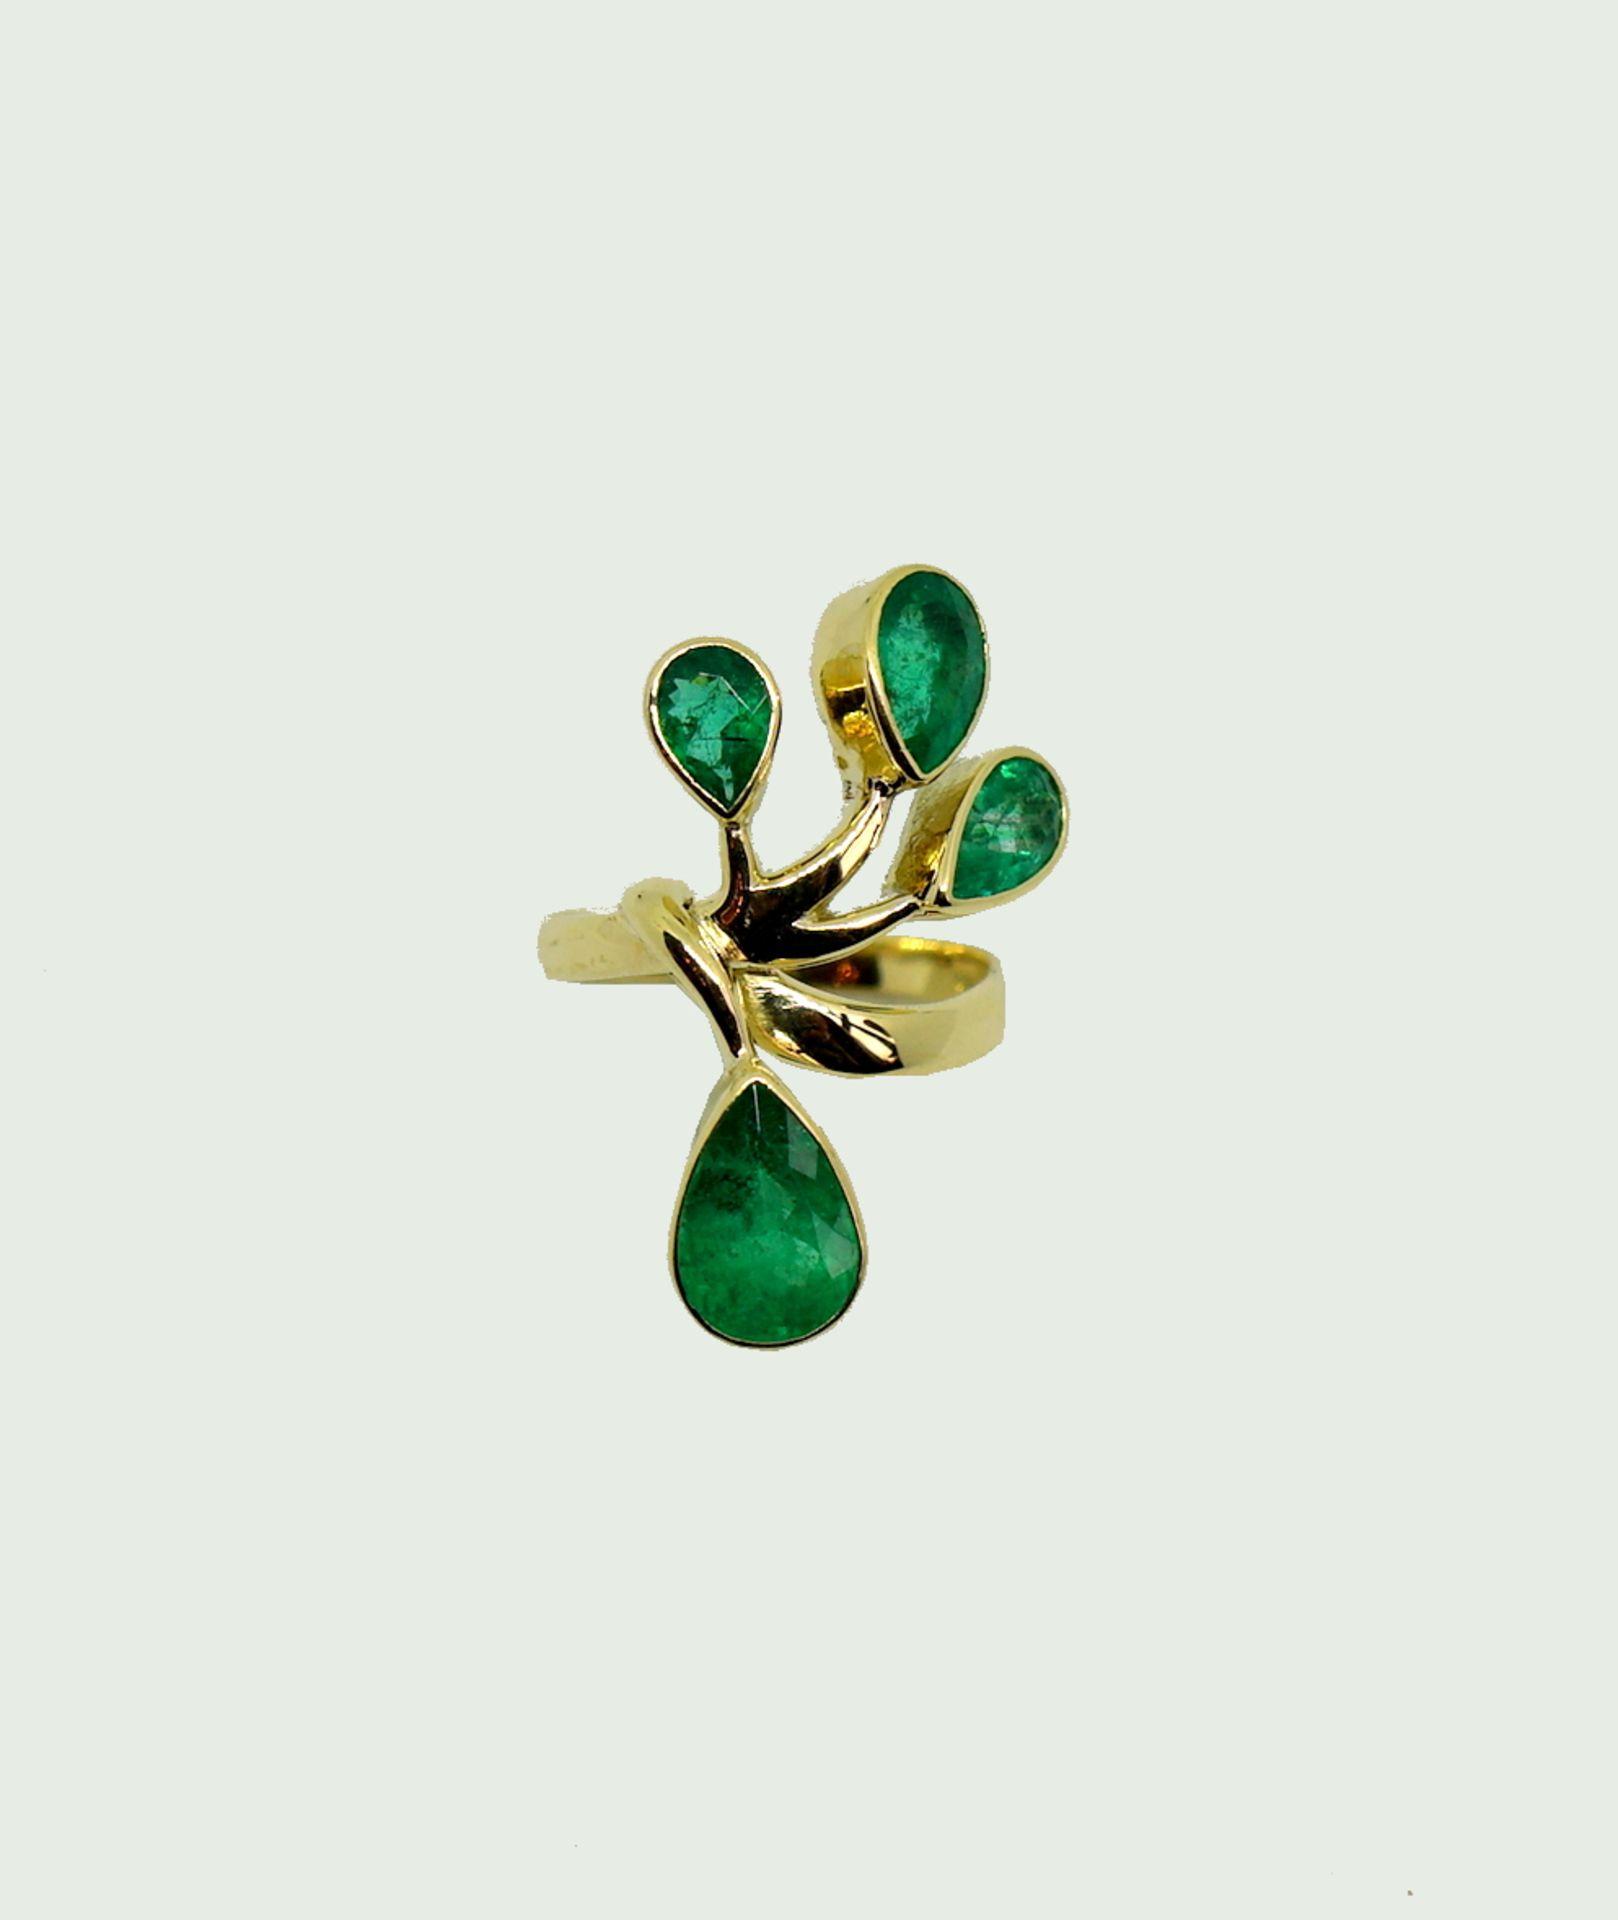 Außergewöhnlicher Smaragdring18 K Gelbgold. Damenring in Blumenform, besetzt mit 4 k